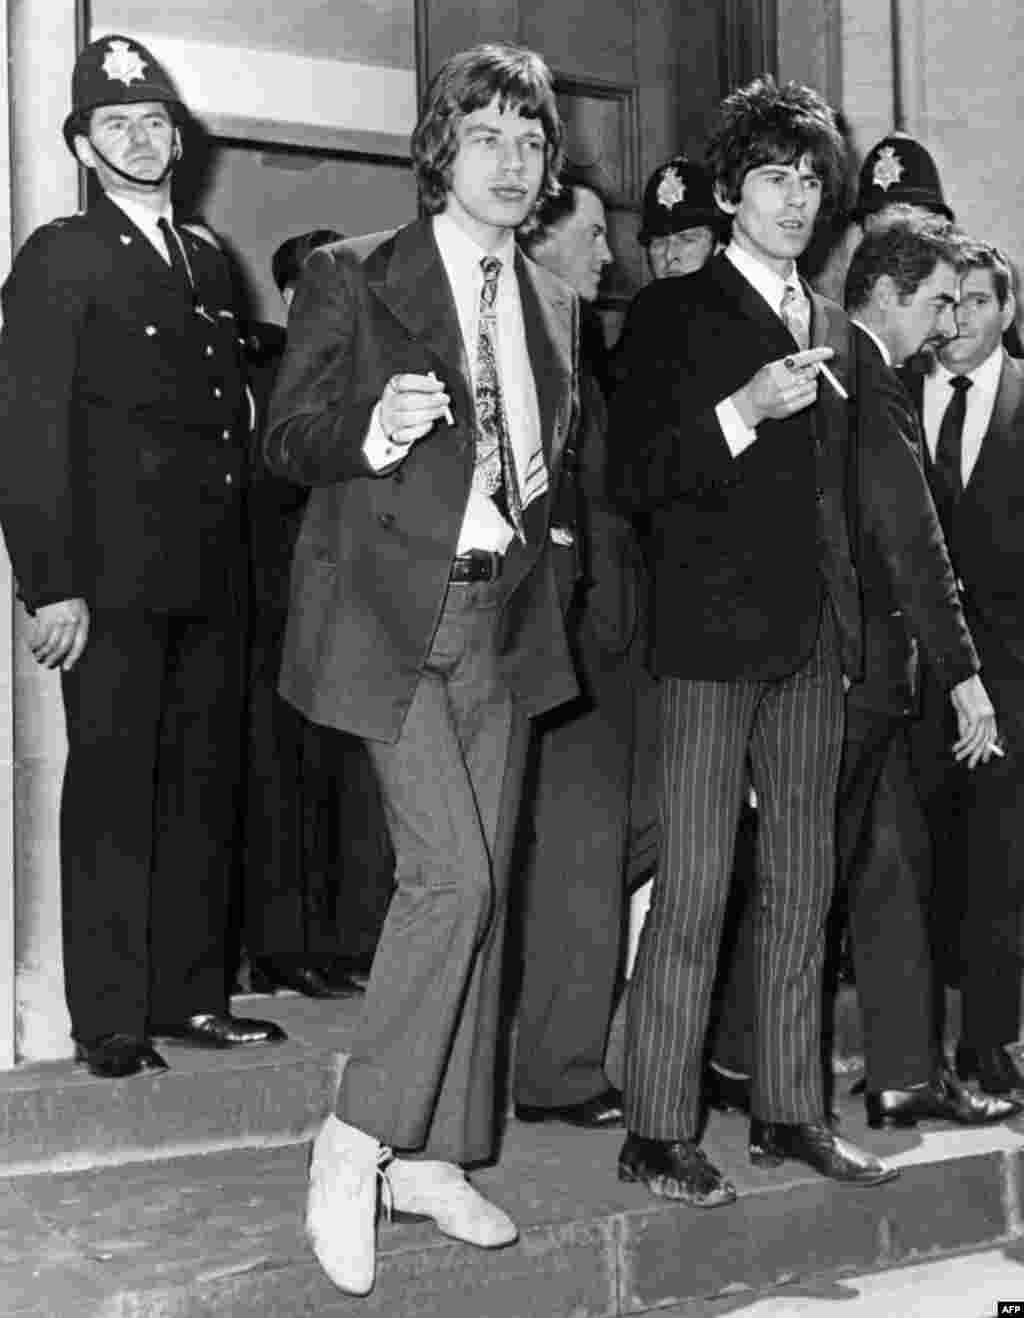 1967. Джаггер и Ричардс выходят из здания суда в Чичестере. Музыкантов обвинили в хранении наркотиков -- после обыска в доме Ричардса.